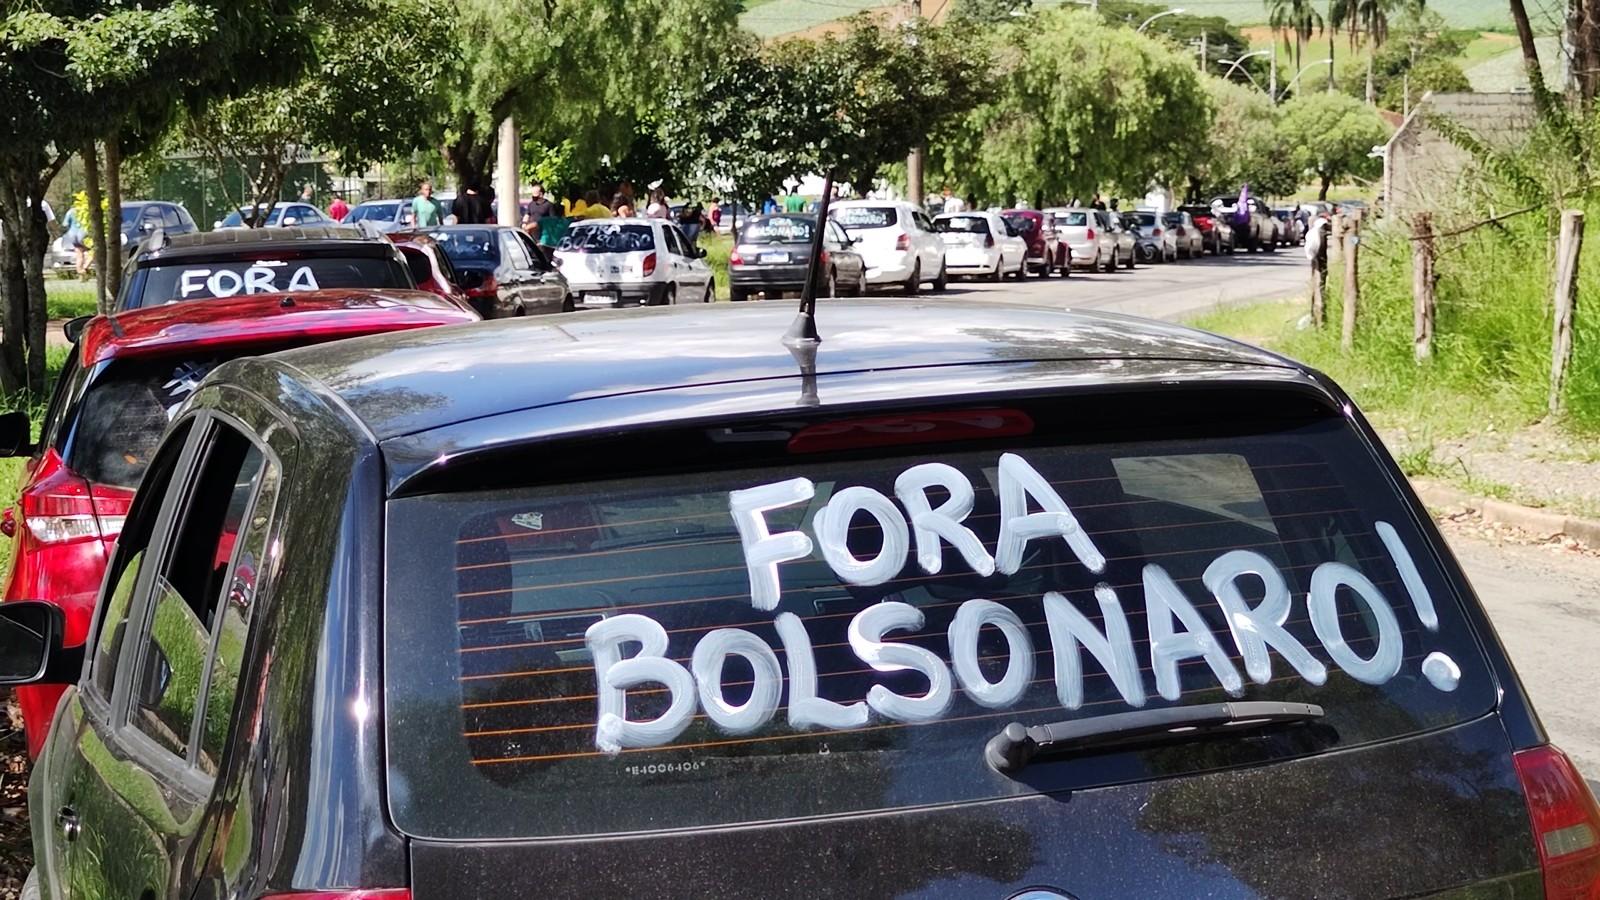 Manifestantes realizam ato contra Bolsonaro em Poços de Caldas, MG